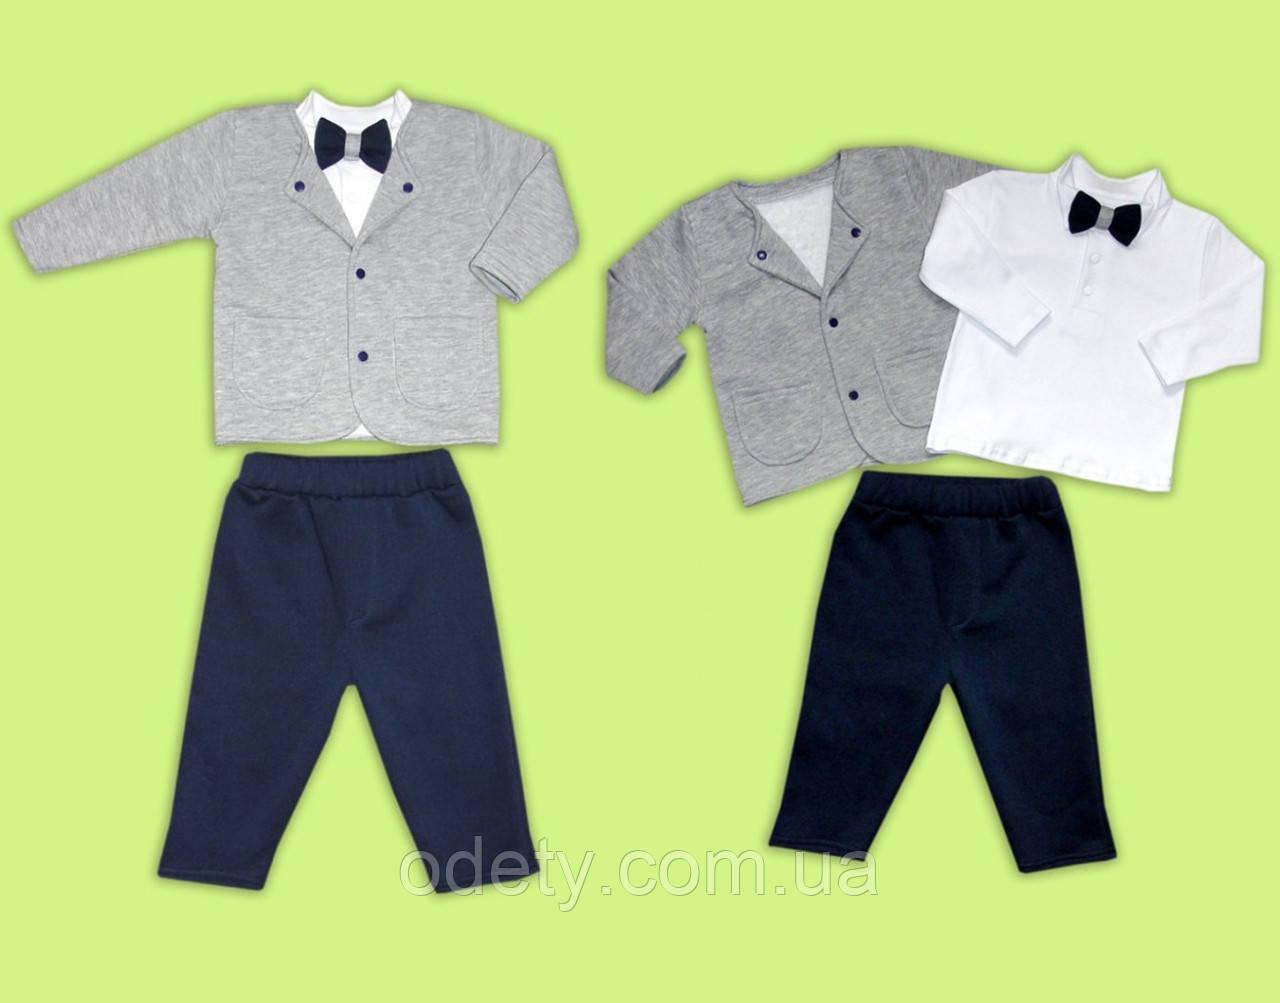 4f0da64e588 Костюм для самых маленьких модников. Нарядный комплект для мальчика  Джентльмен. Стильный костюм для мальчика